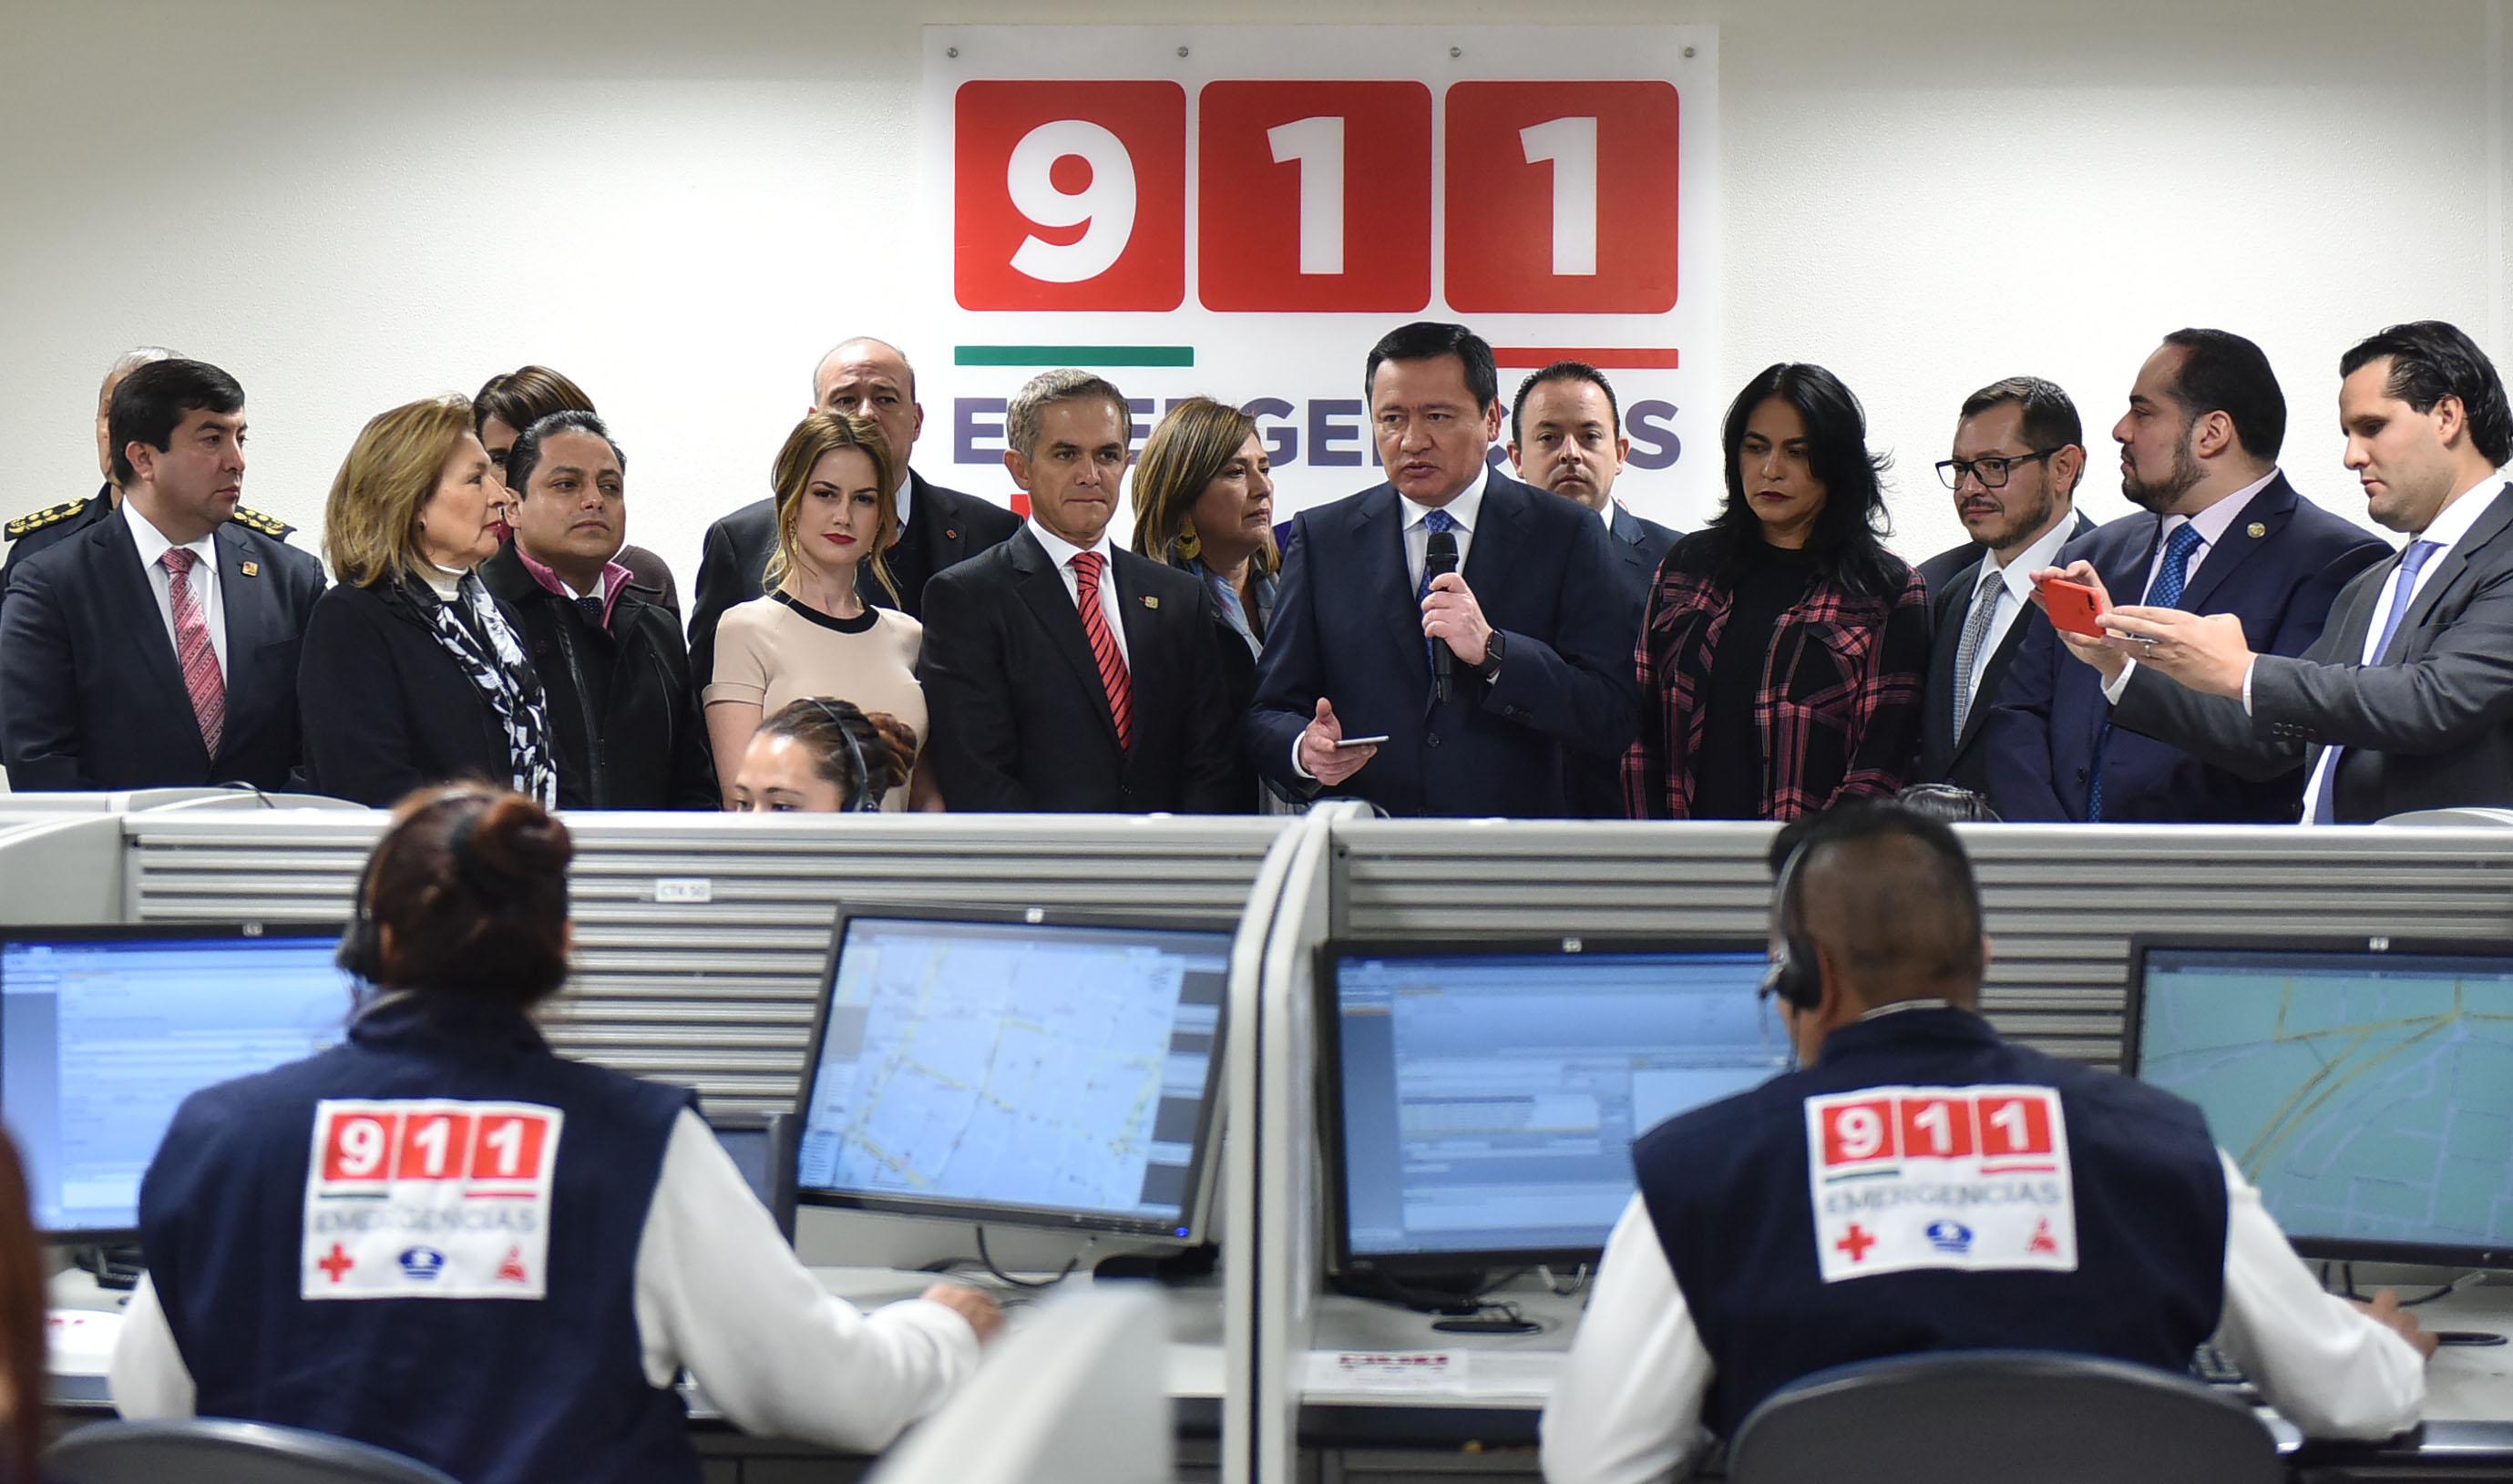 Nuevo número telefónico de emergencias 9-1-1